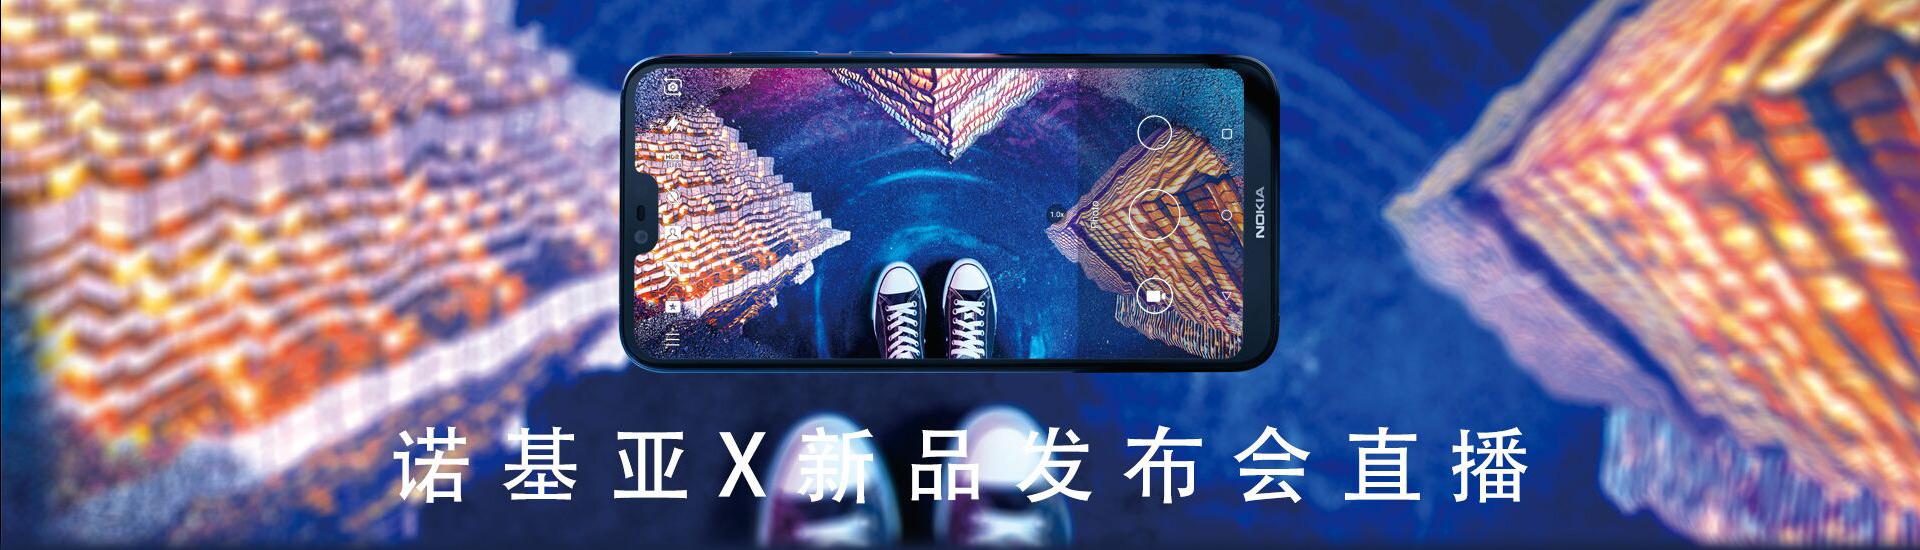 Nokia X6 – novinka s nakousnutým displejem